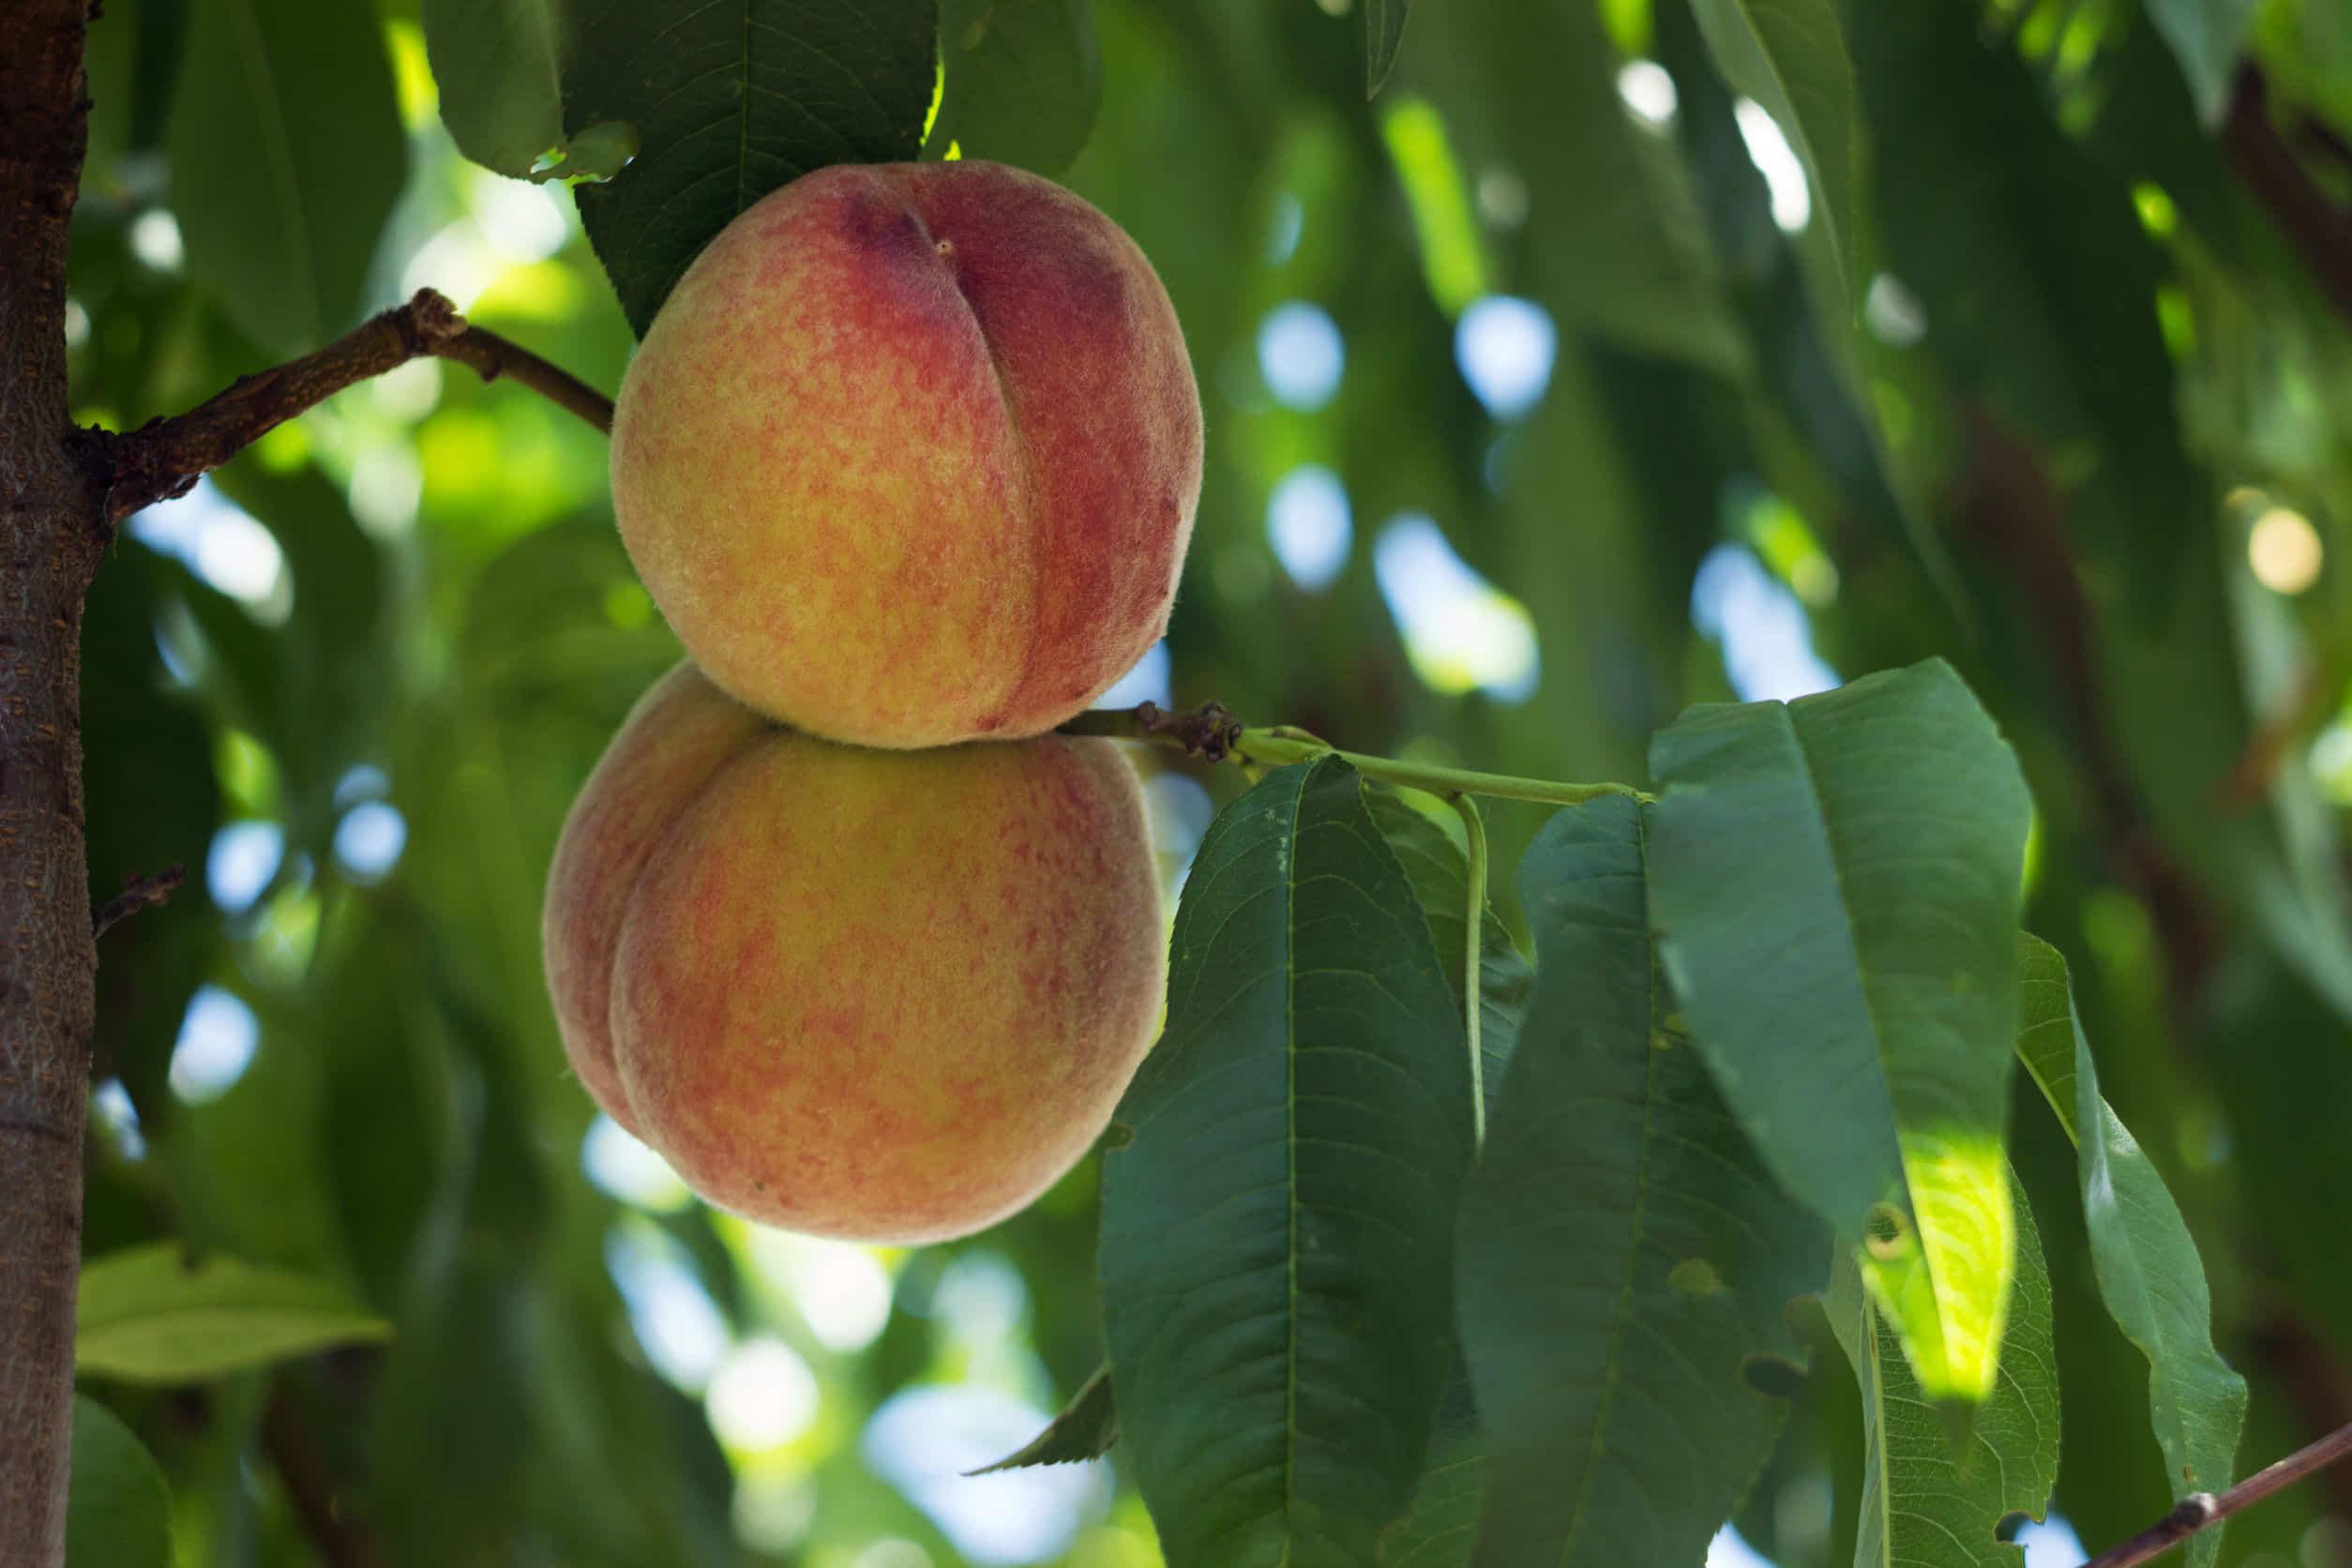 ハムスターに桃やかじり木を与えても大丈夫?実は危険な果物だった?!